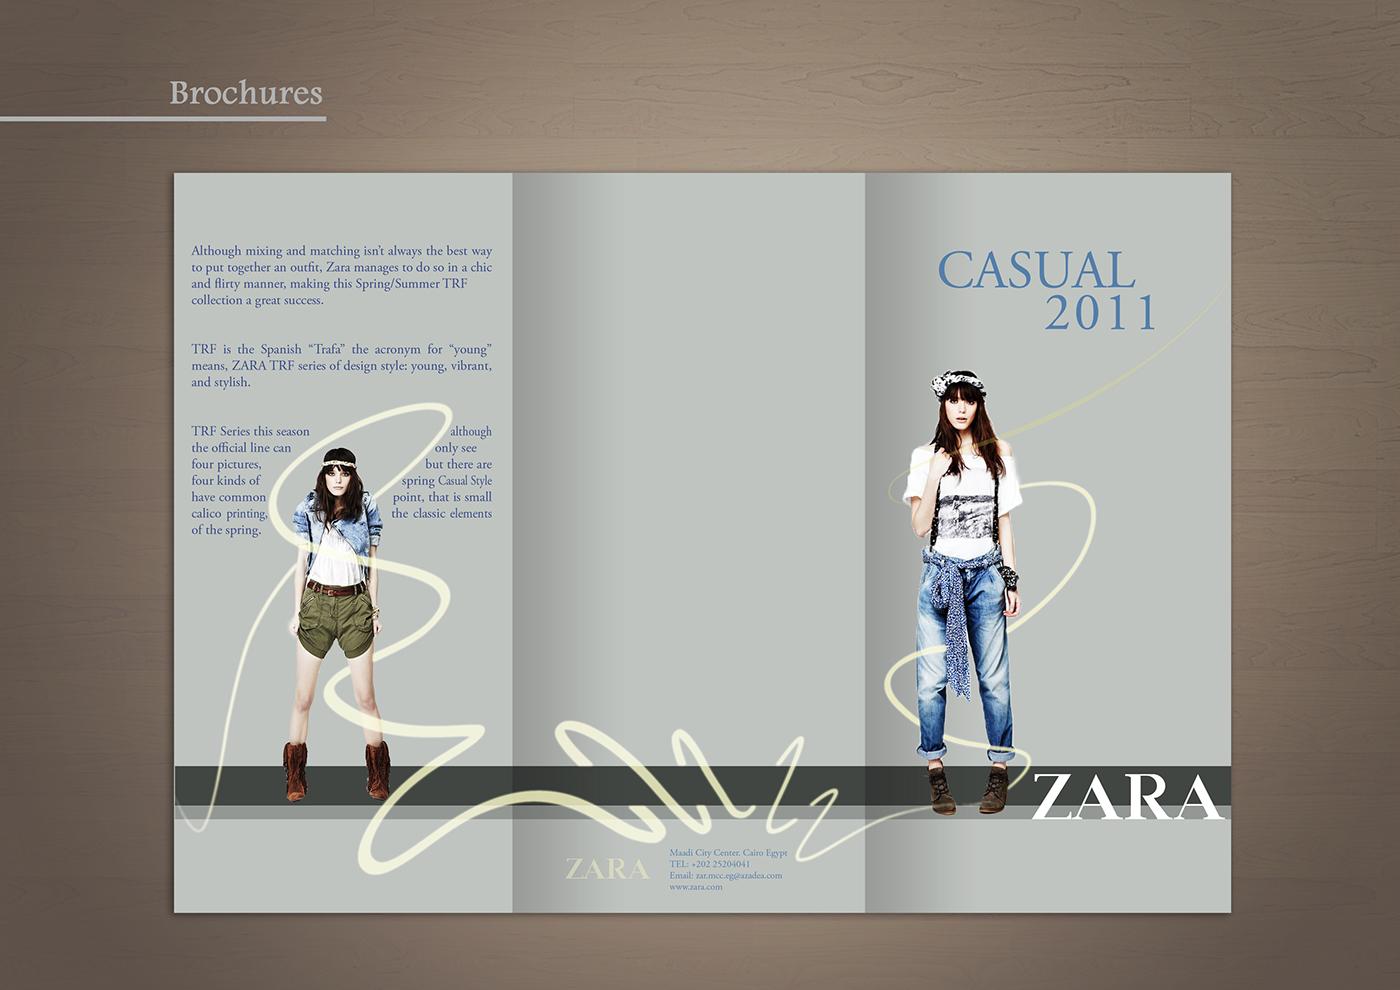 Zara poster design - Zara Poster Design 31